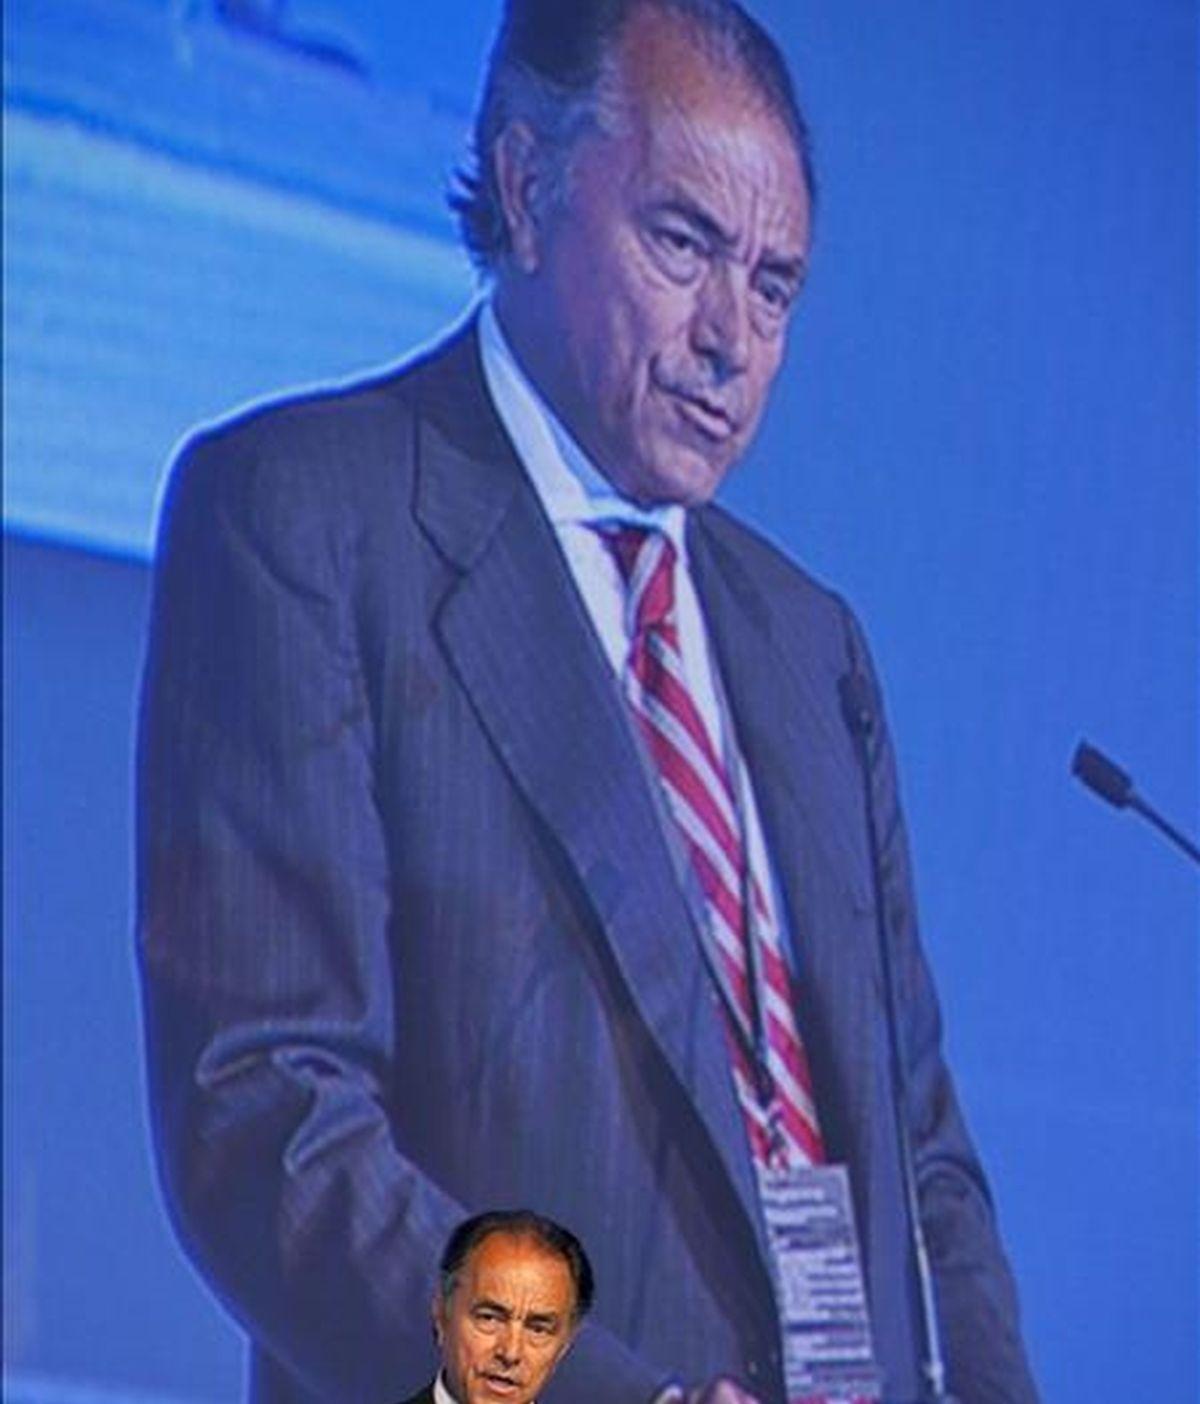 El candidato a la presidencia de la CEOE, Jesús Banegas. EFE/Archivo